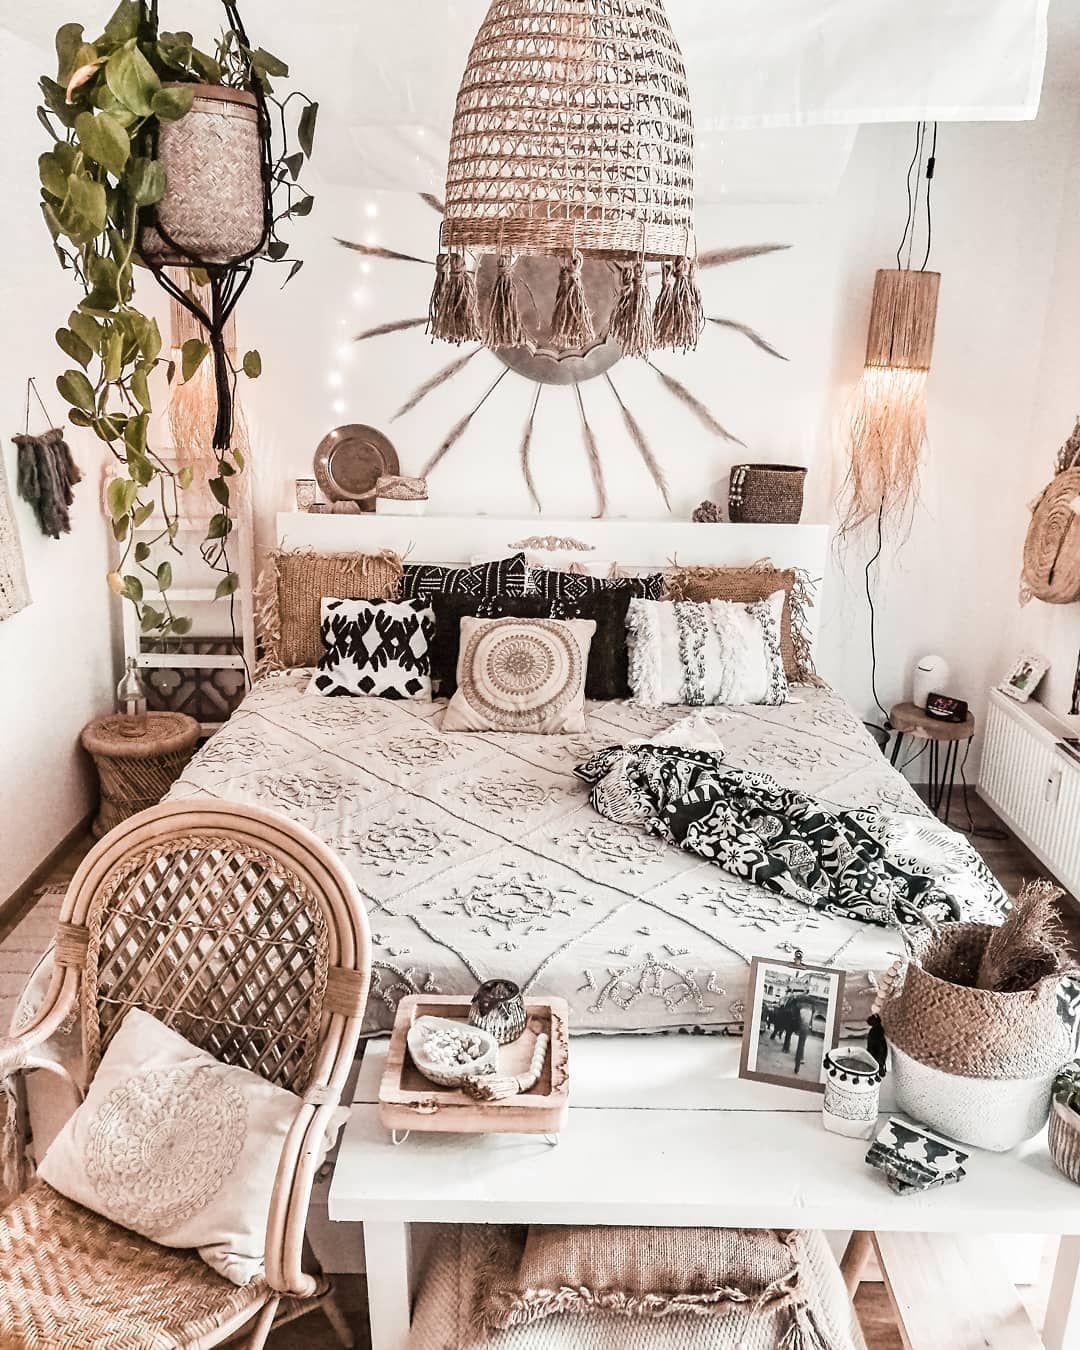 Habitación decorada al estilo boho chic de color blanco y beige con accesorios